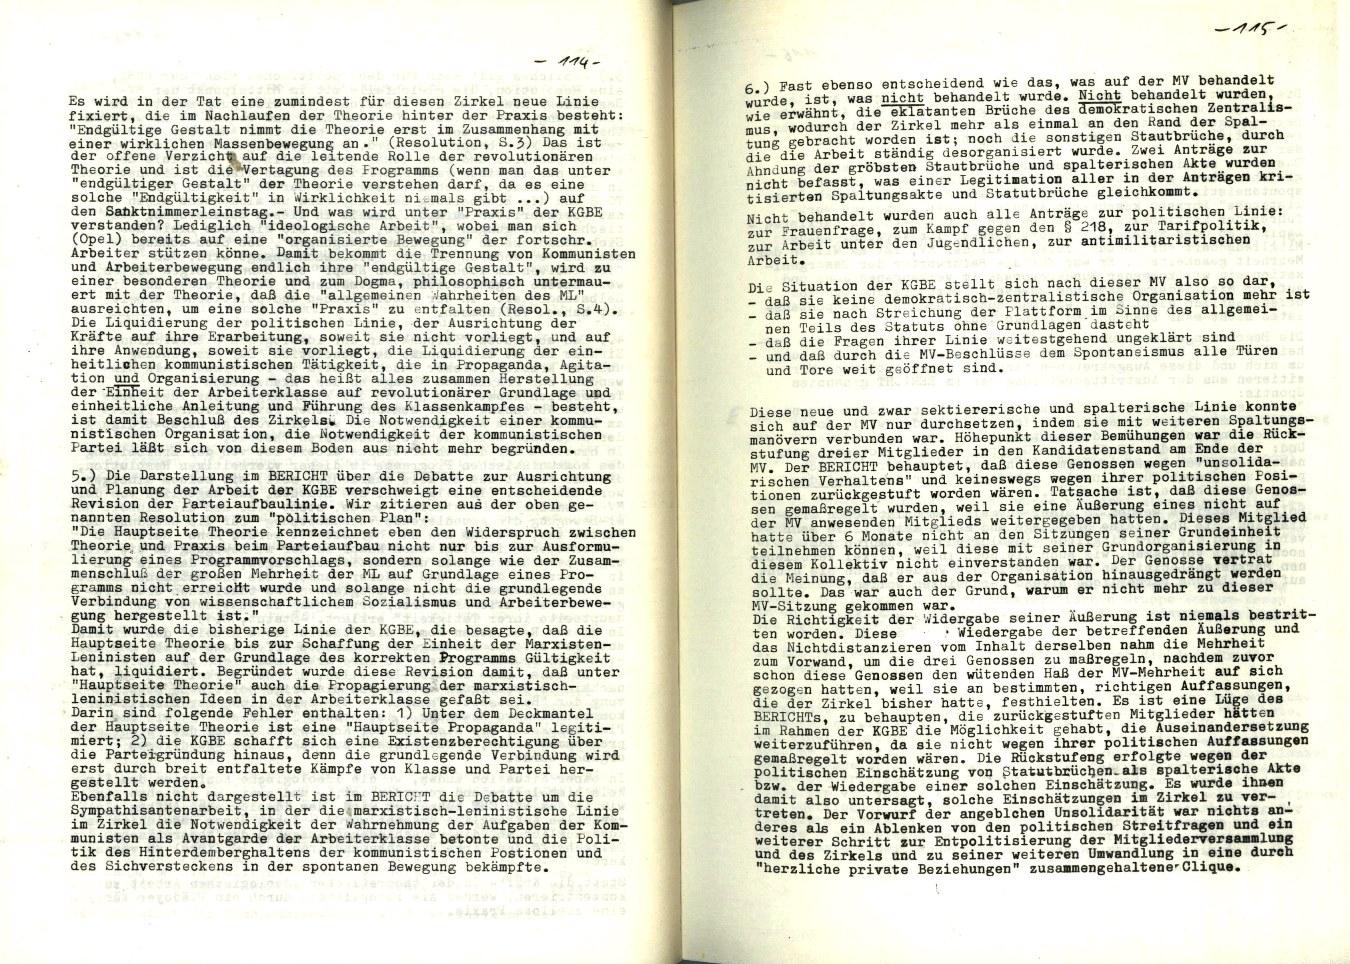 KGBE_Ehemalige_1977_Kritik_an_der_KGBE_61